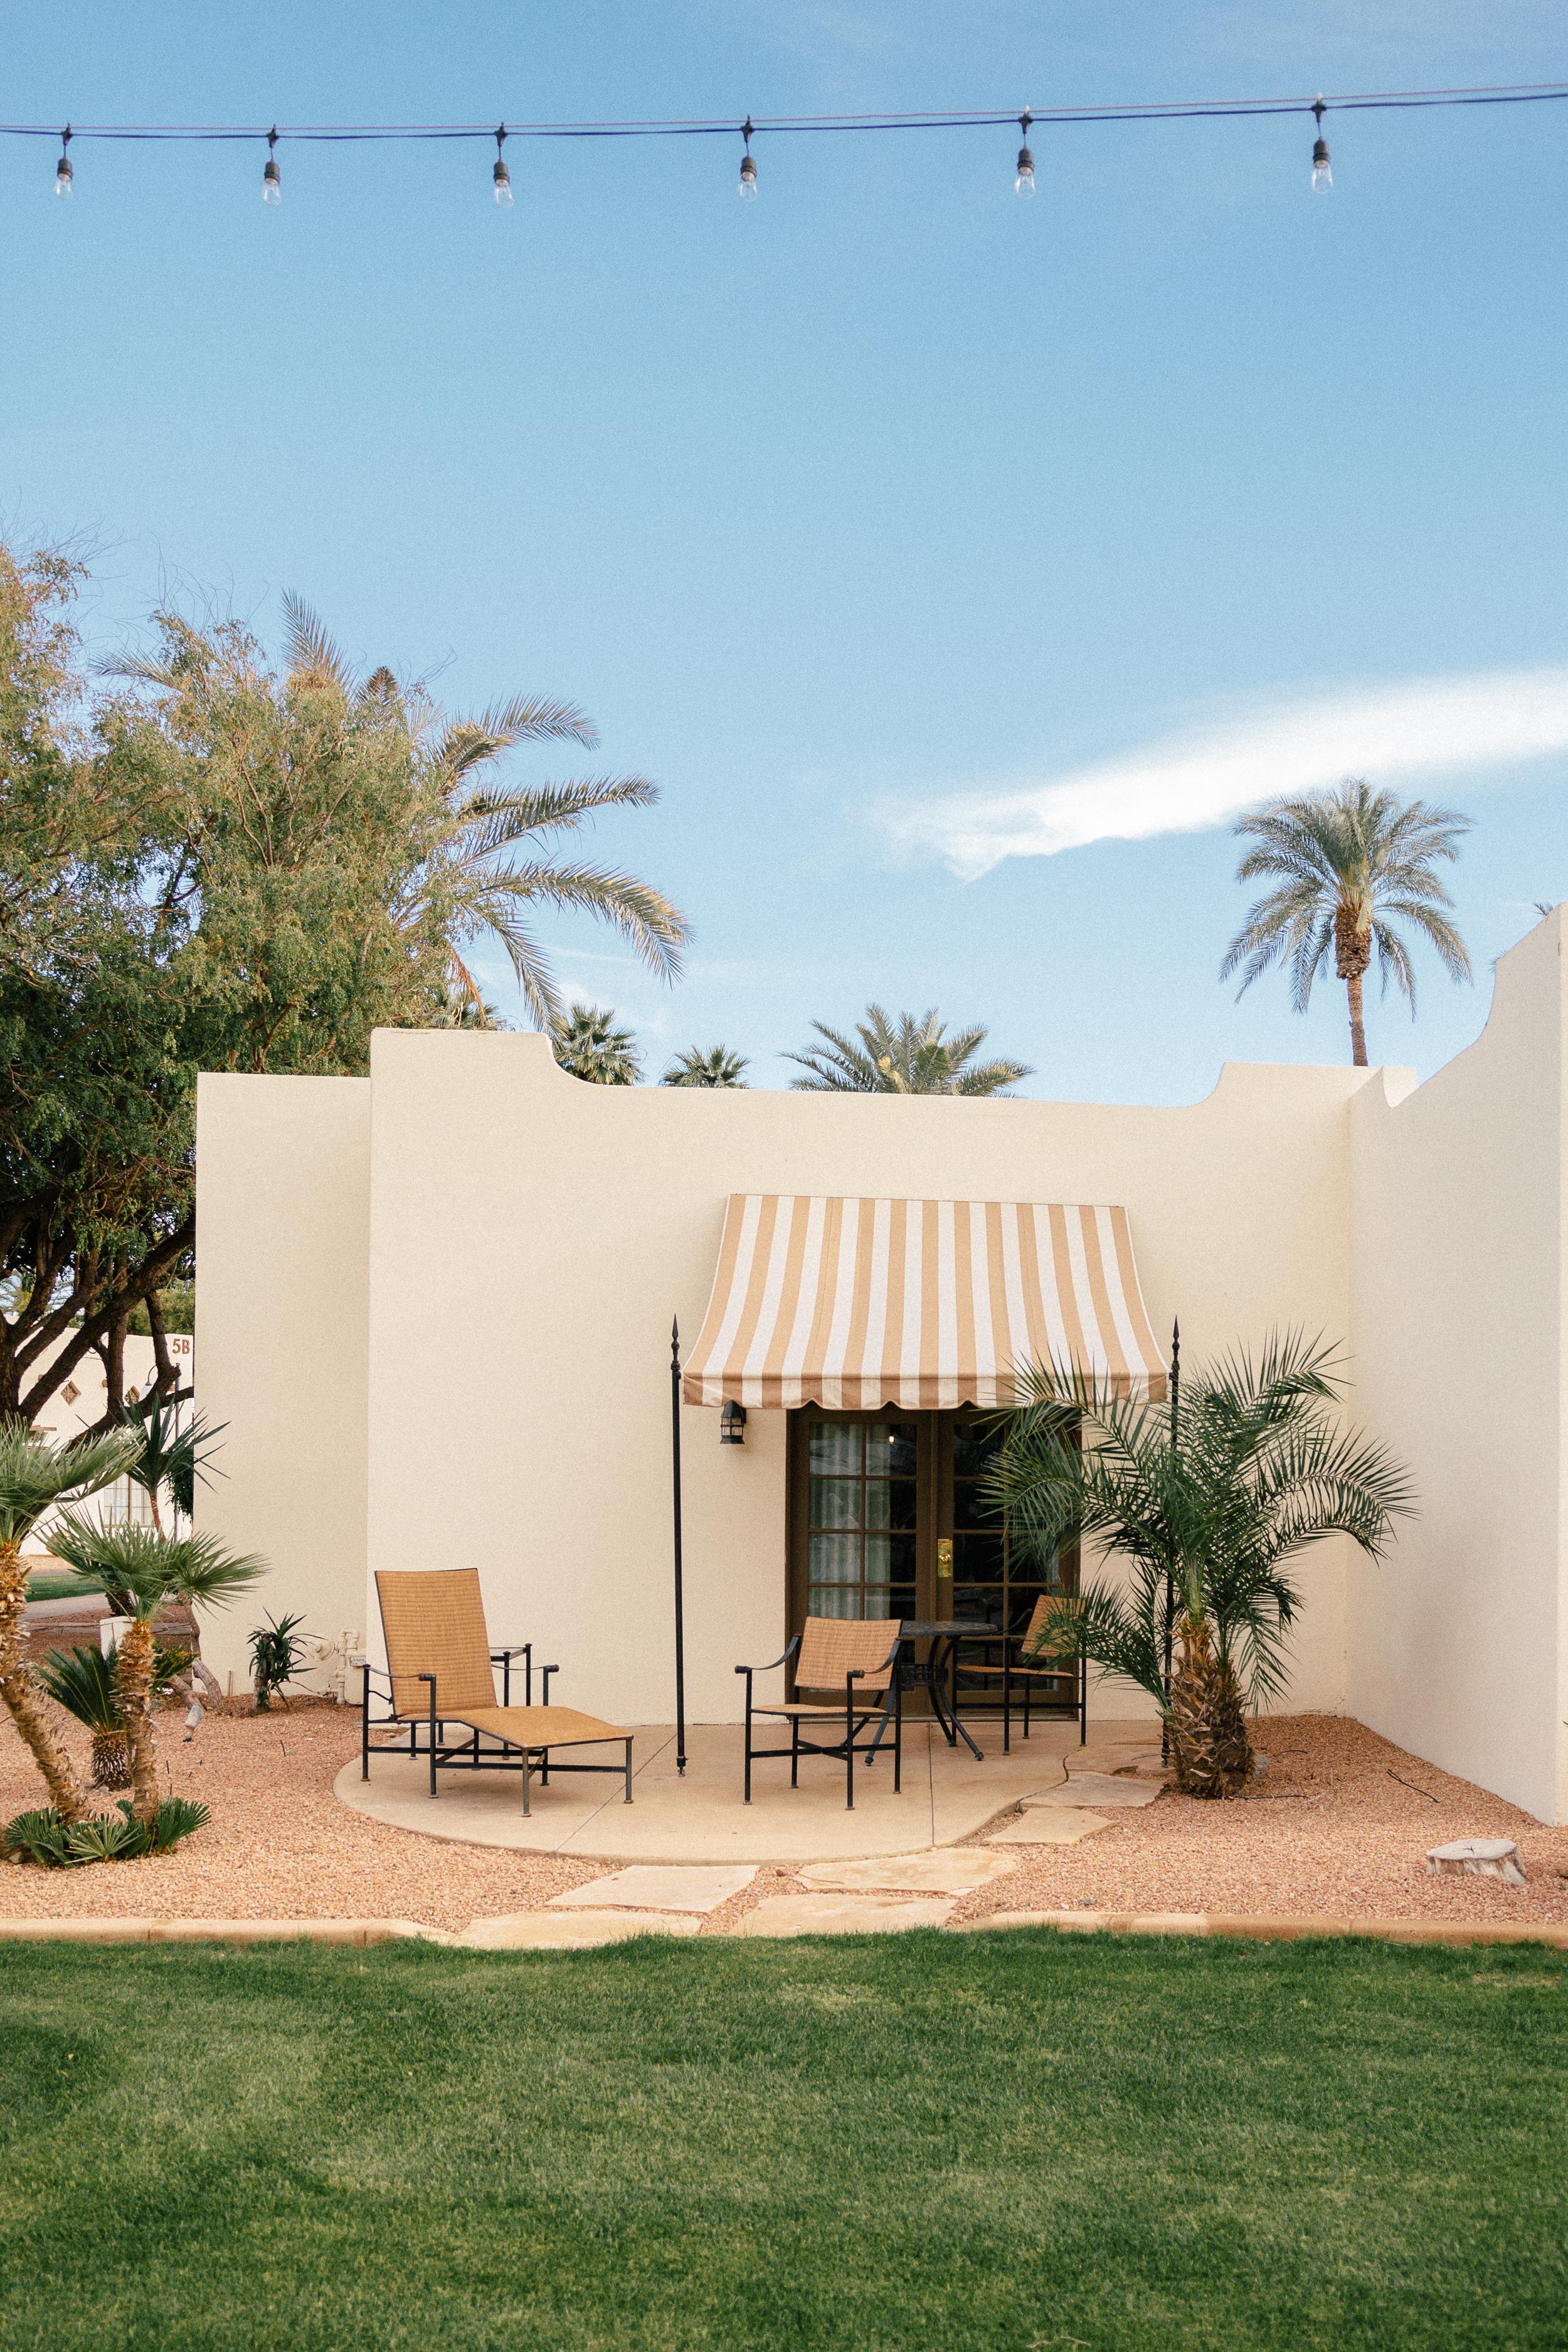 wigwam resort arizona 36